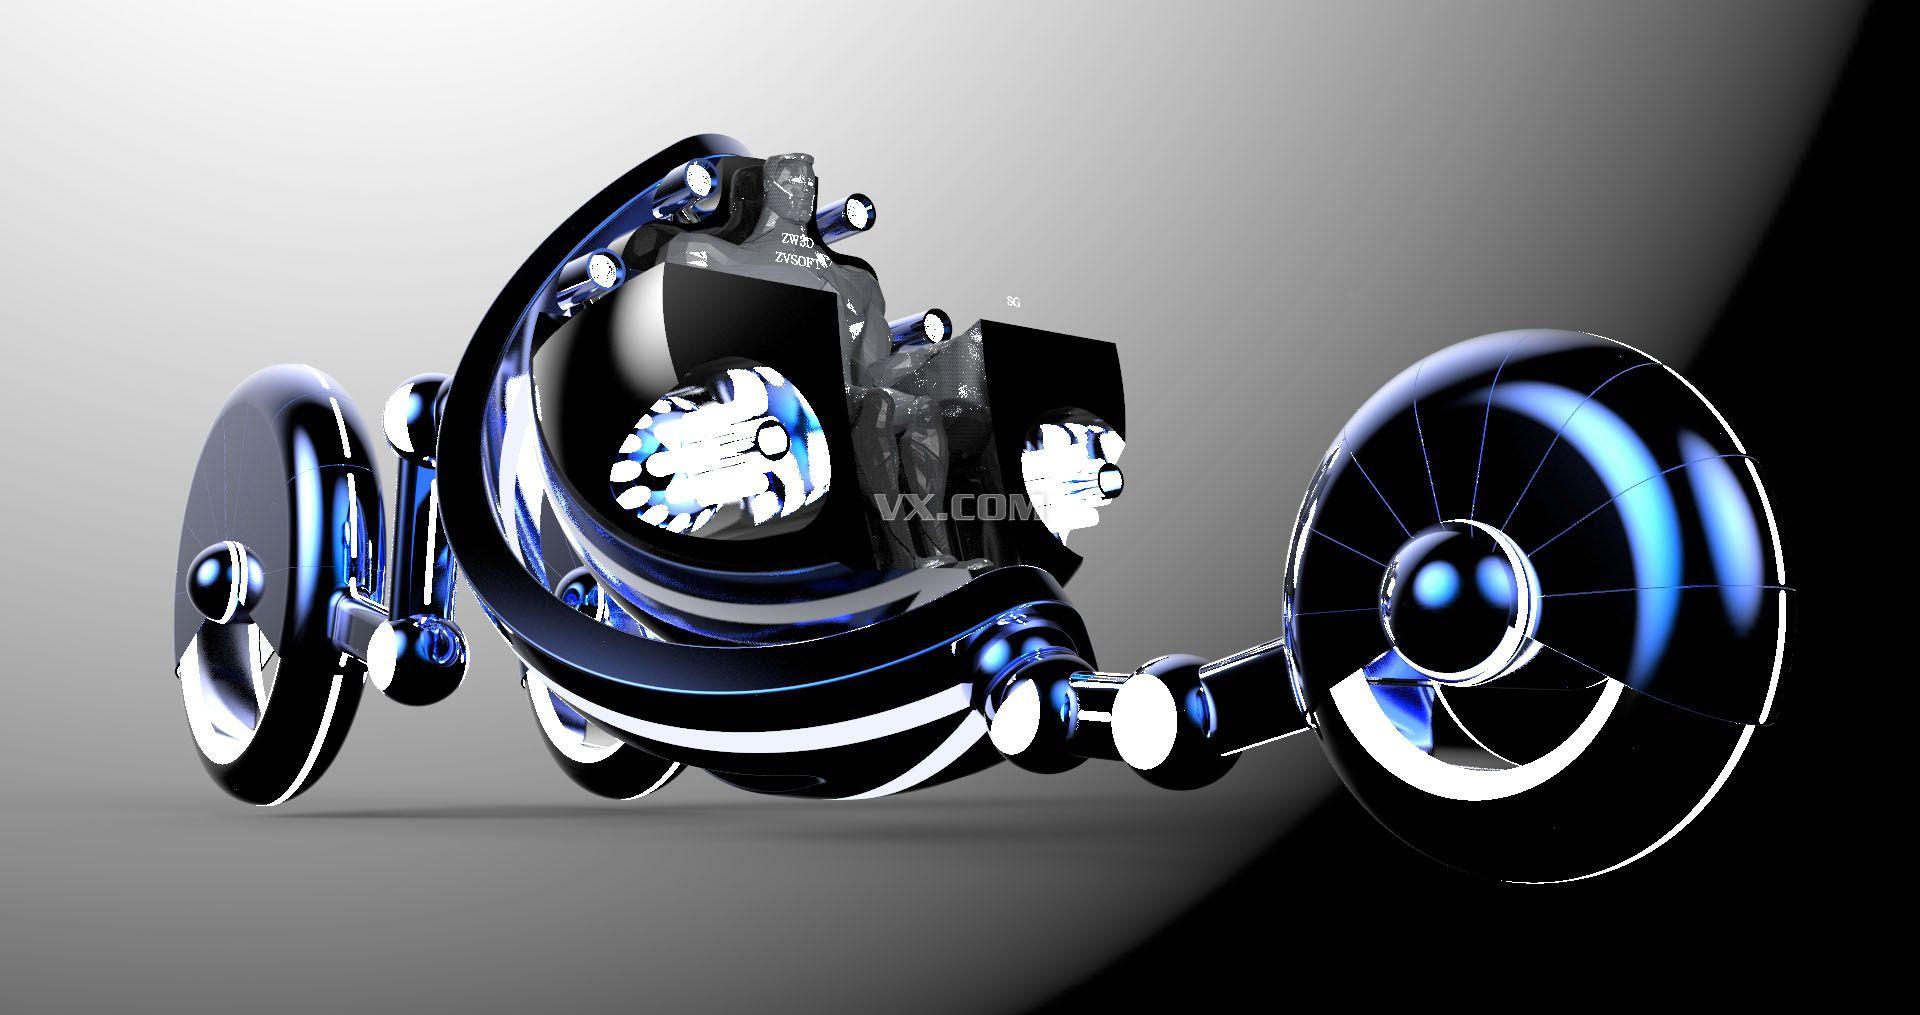 中望3d2013全球设计比赛作品展#超级英雄战车